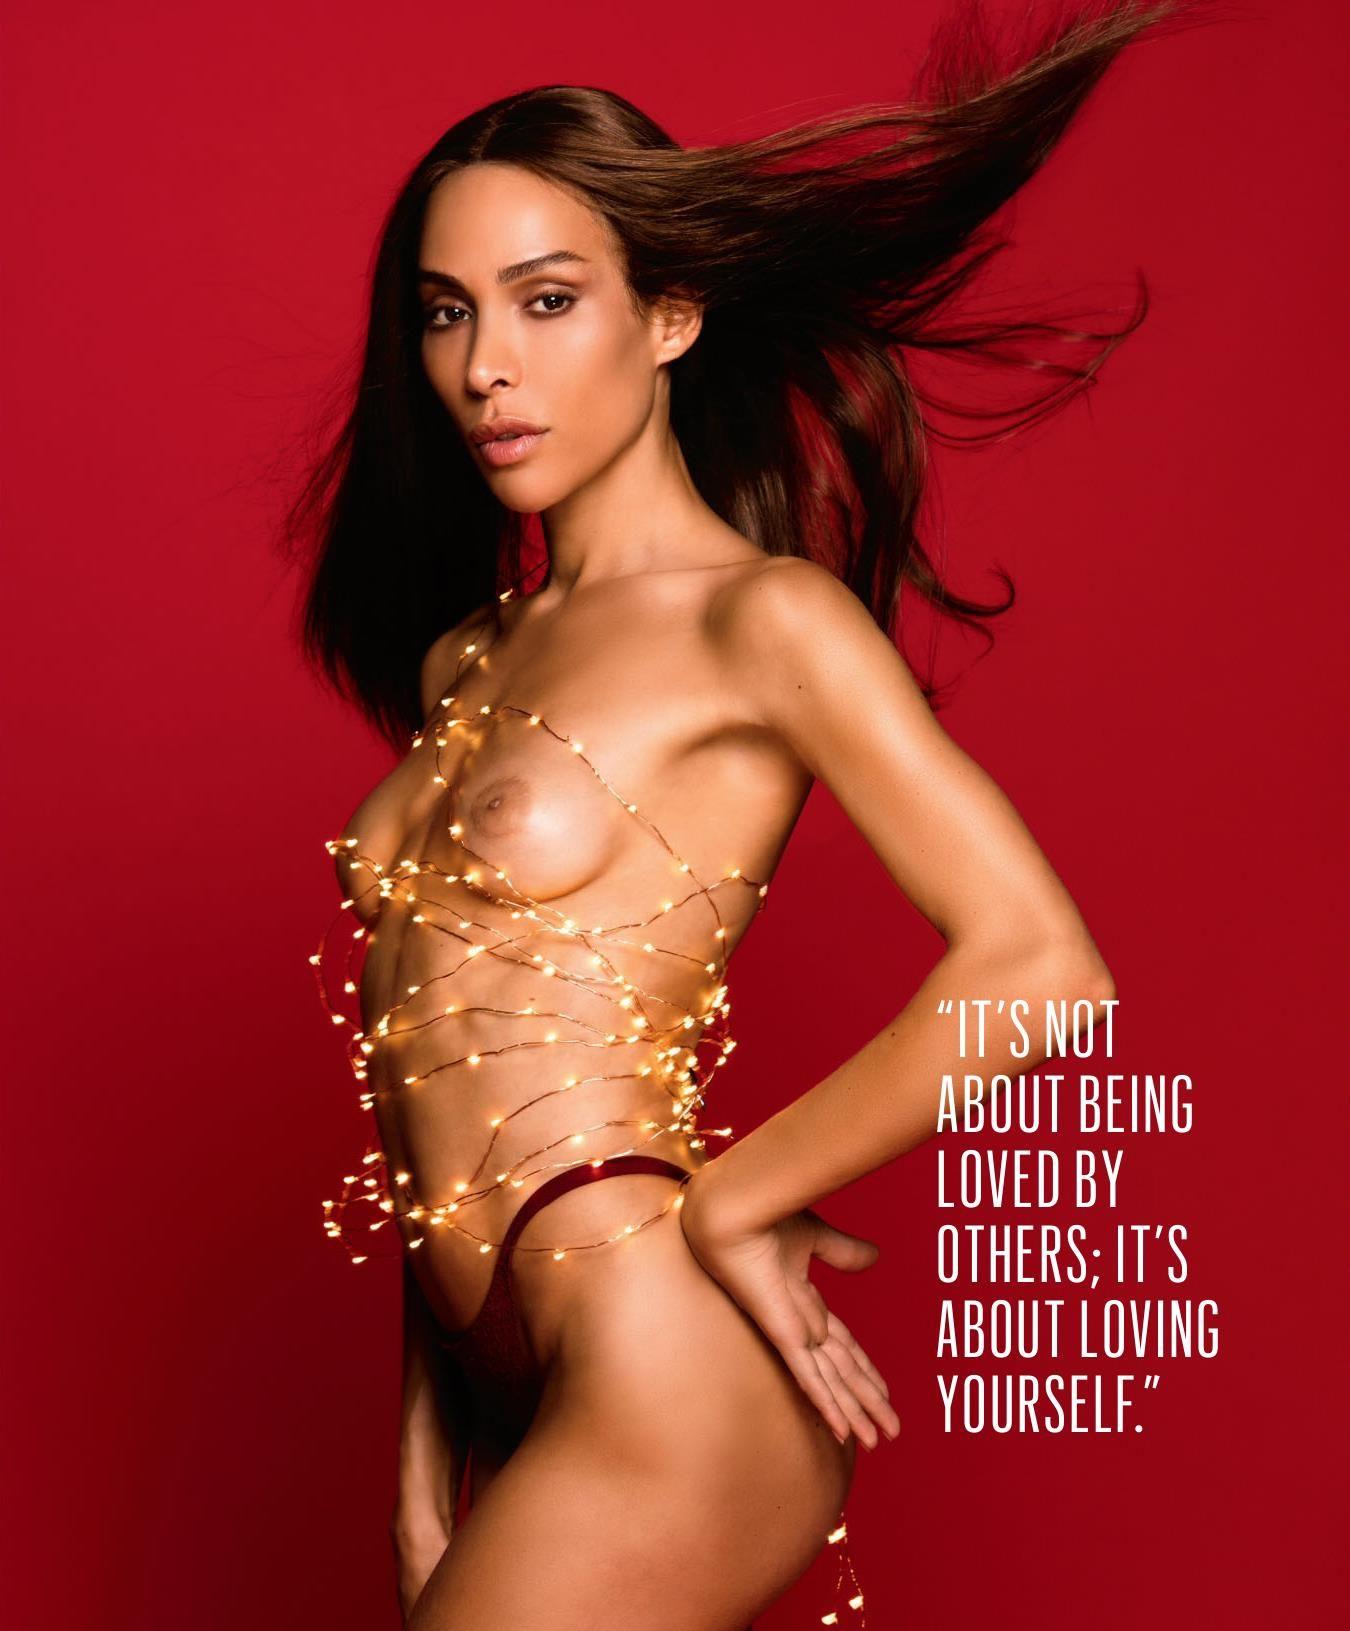 [Image: Ines-Rau-transgender-Playboy.jpg]